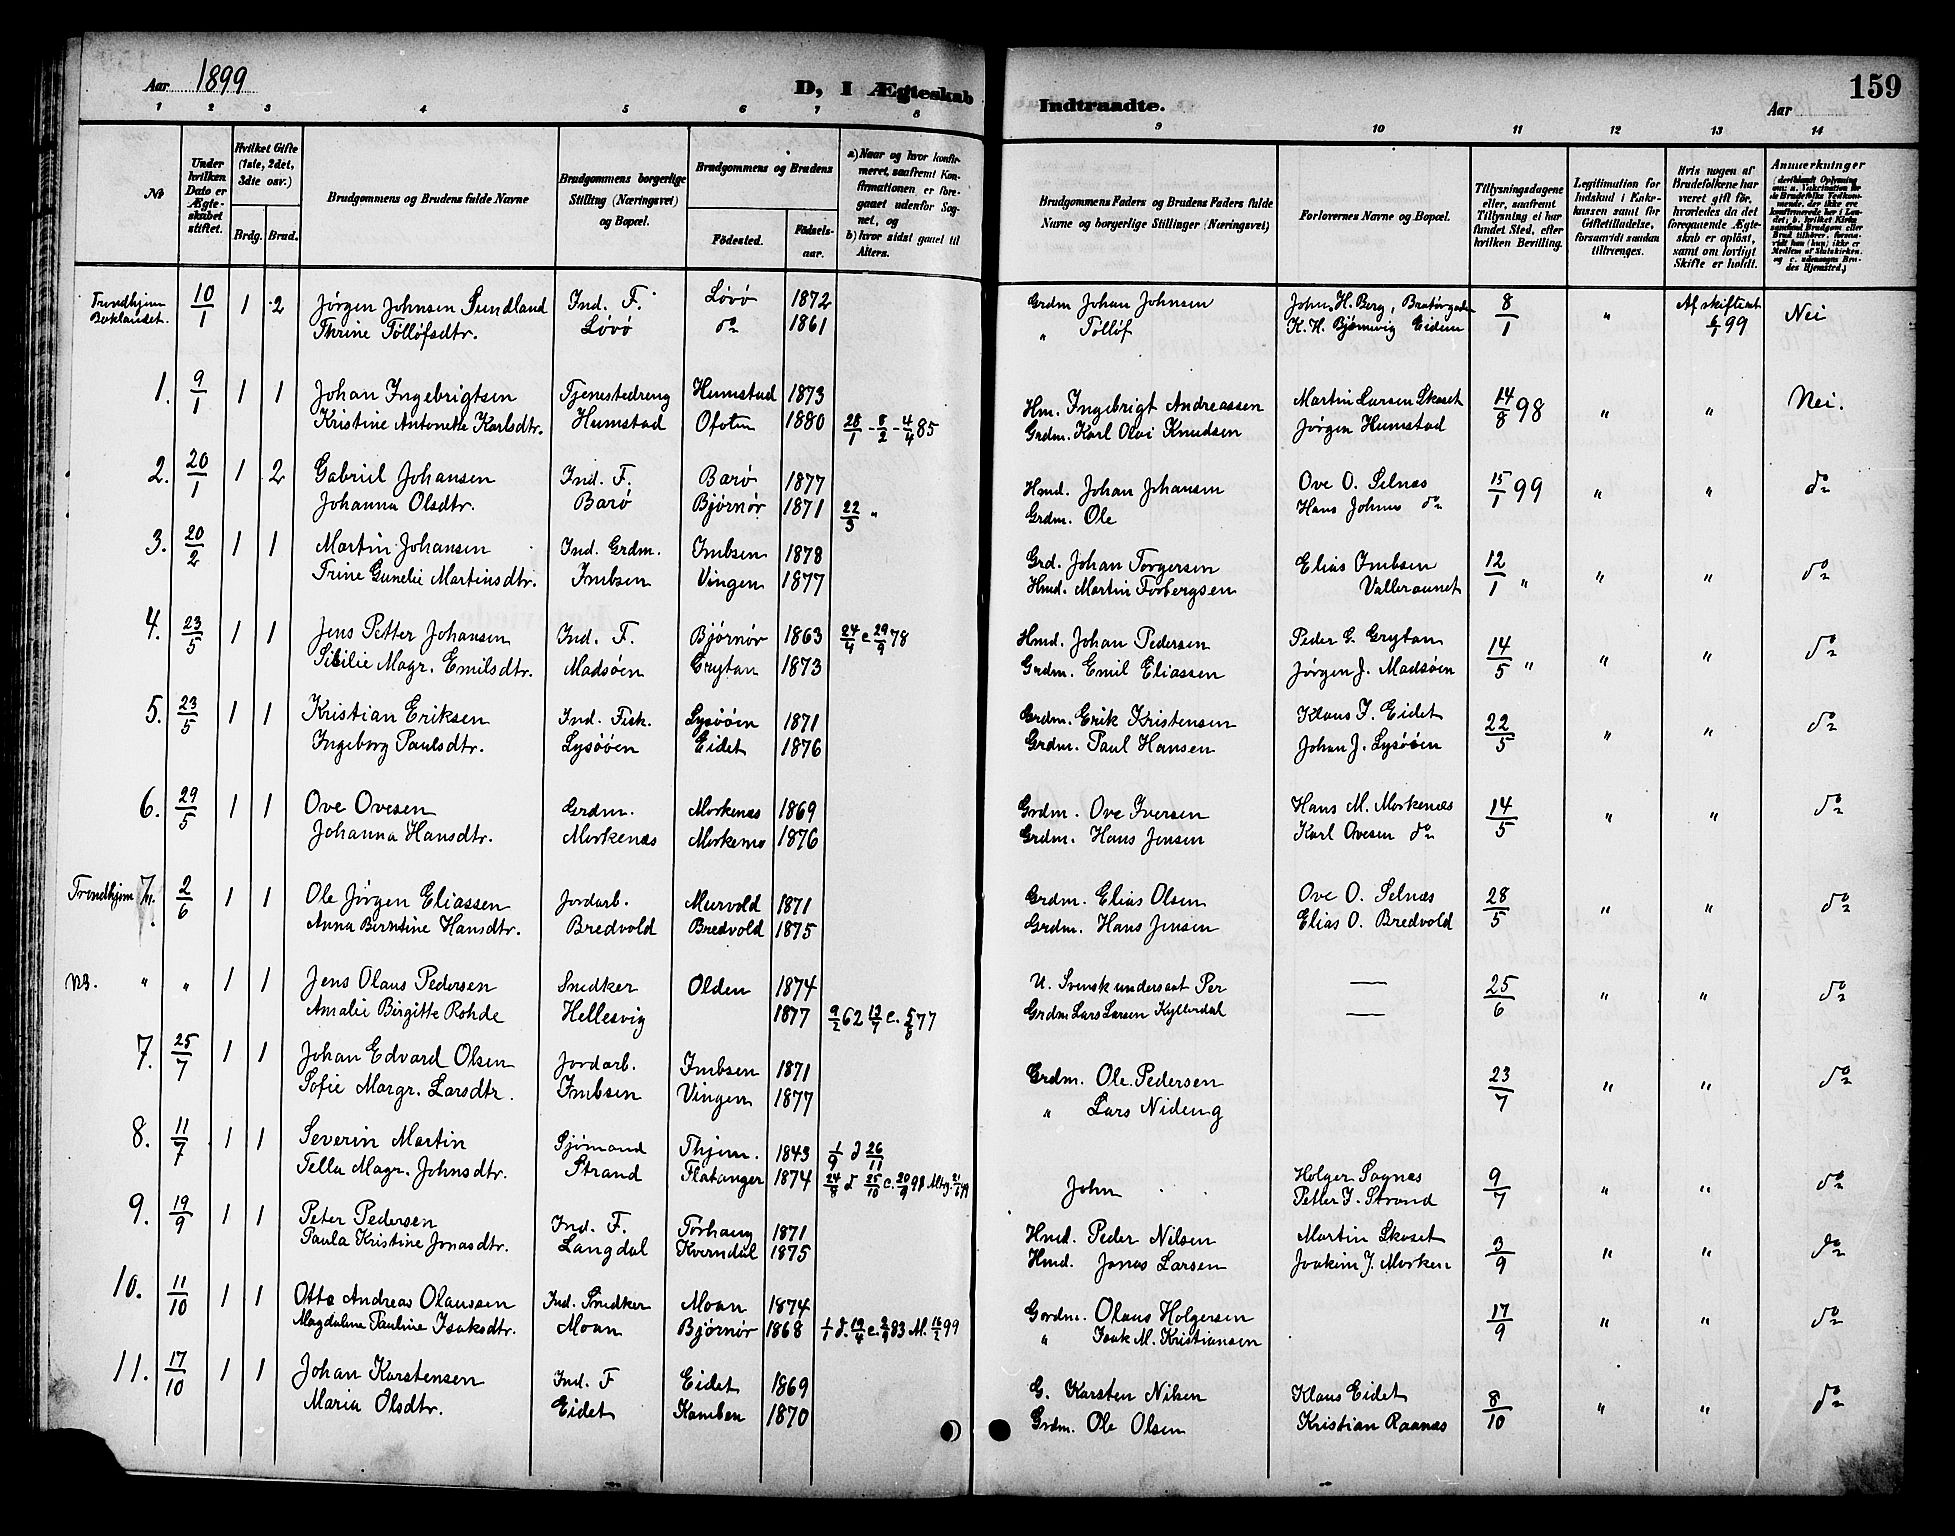 SAT, Ministerialprotokoller, klokkerbøker og fødselsregistre - Sør-Trøndelag, 655/L0688: Klokkerbok nr. 655C04, 1899-1922, s. 159